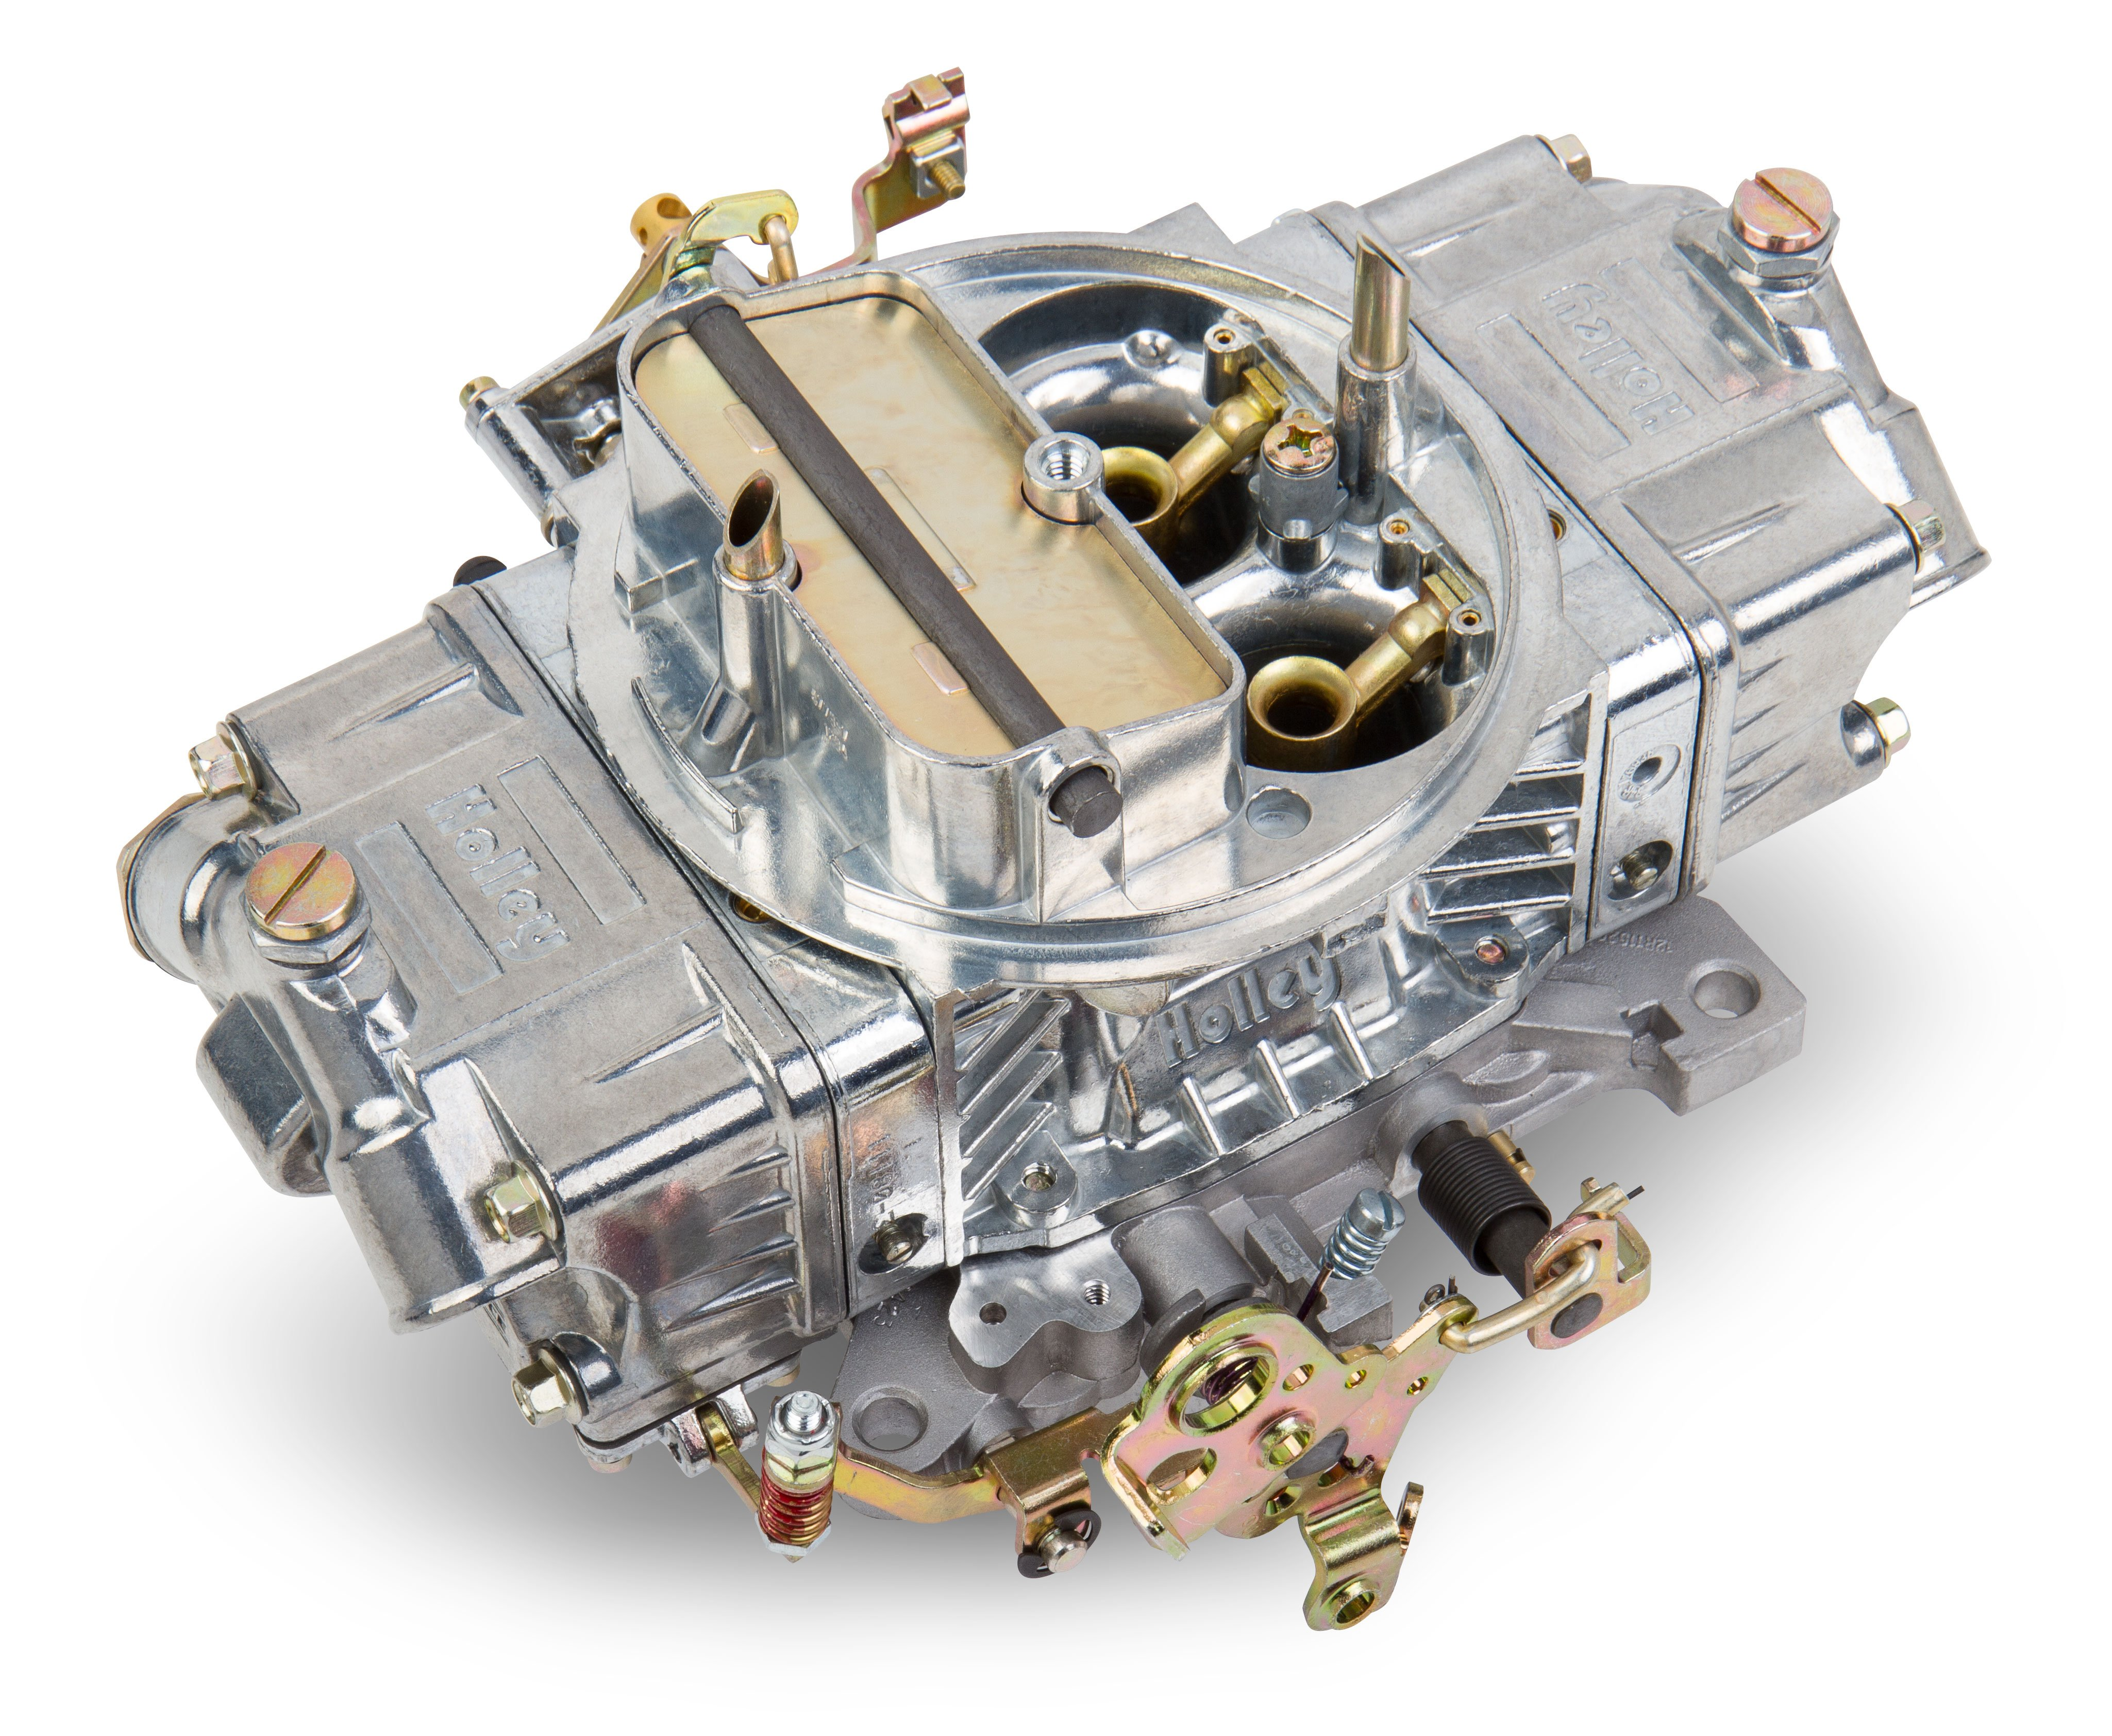 650 CFM Double Pumper Carburetor